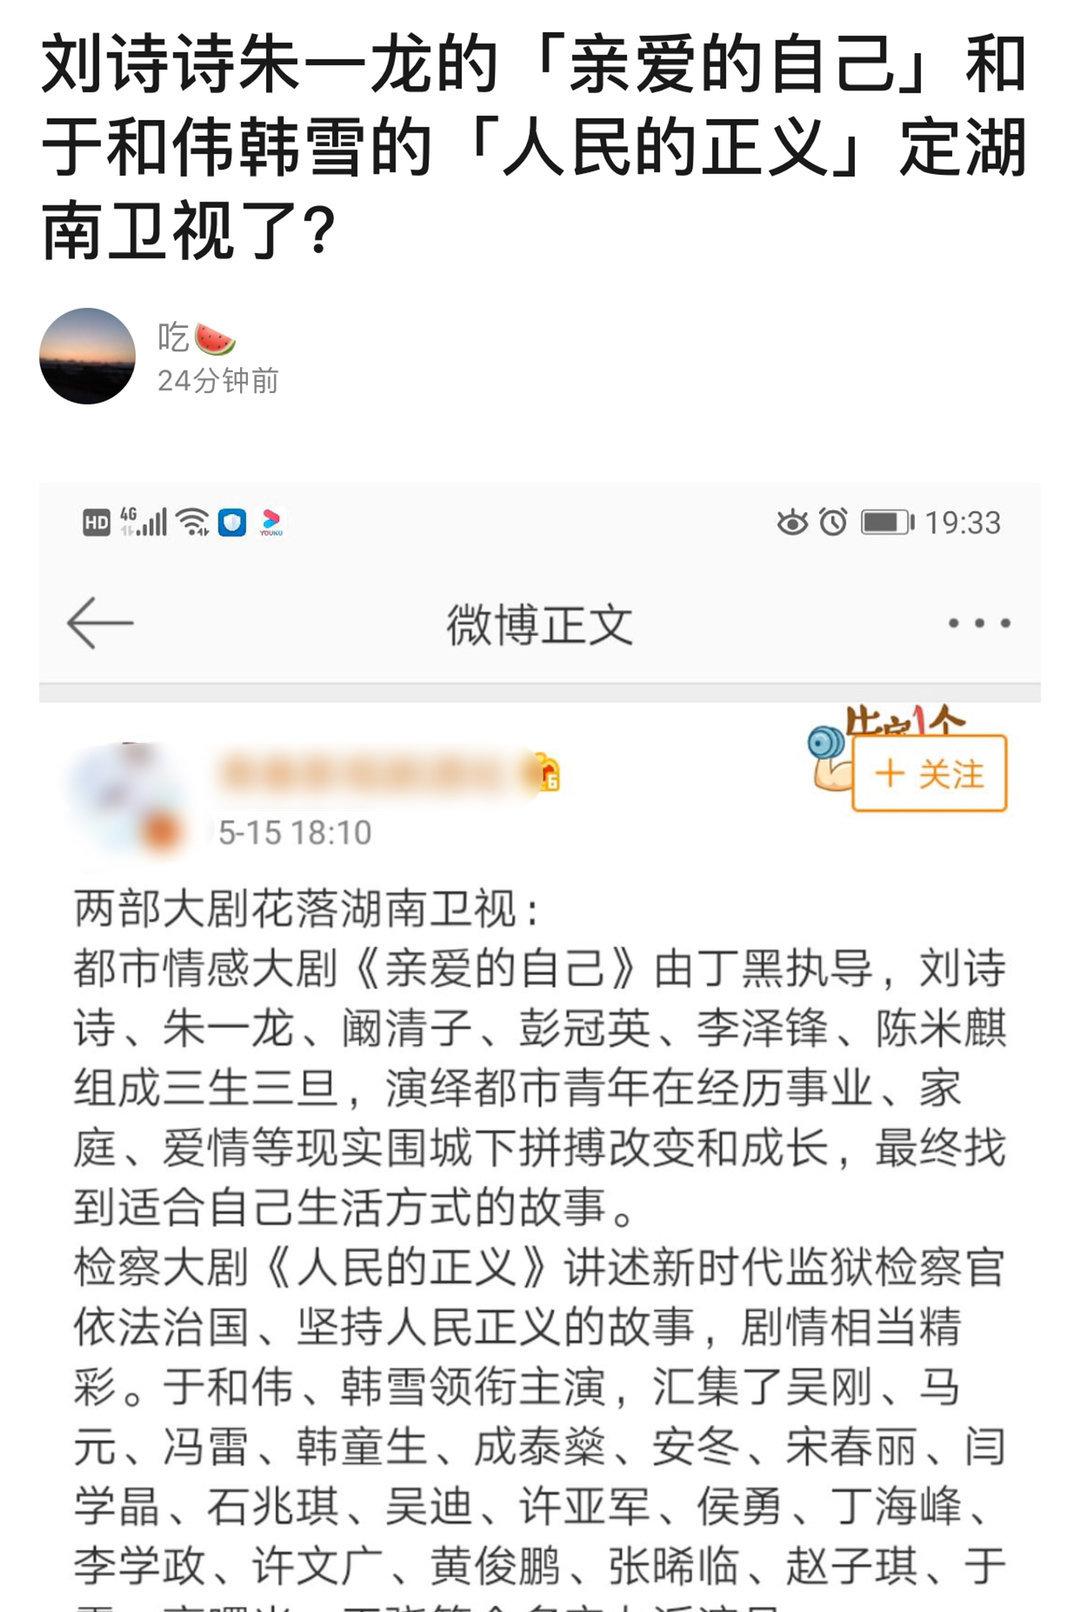 刘诗诗、朱一龙主演的《亲爱的自己》和于和伟、韩雪主演的《人民的正